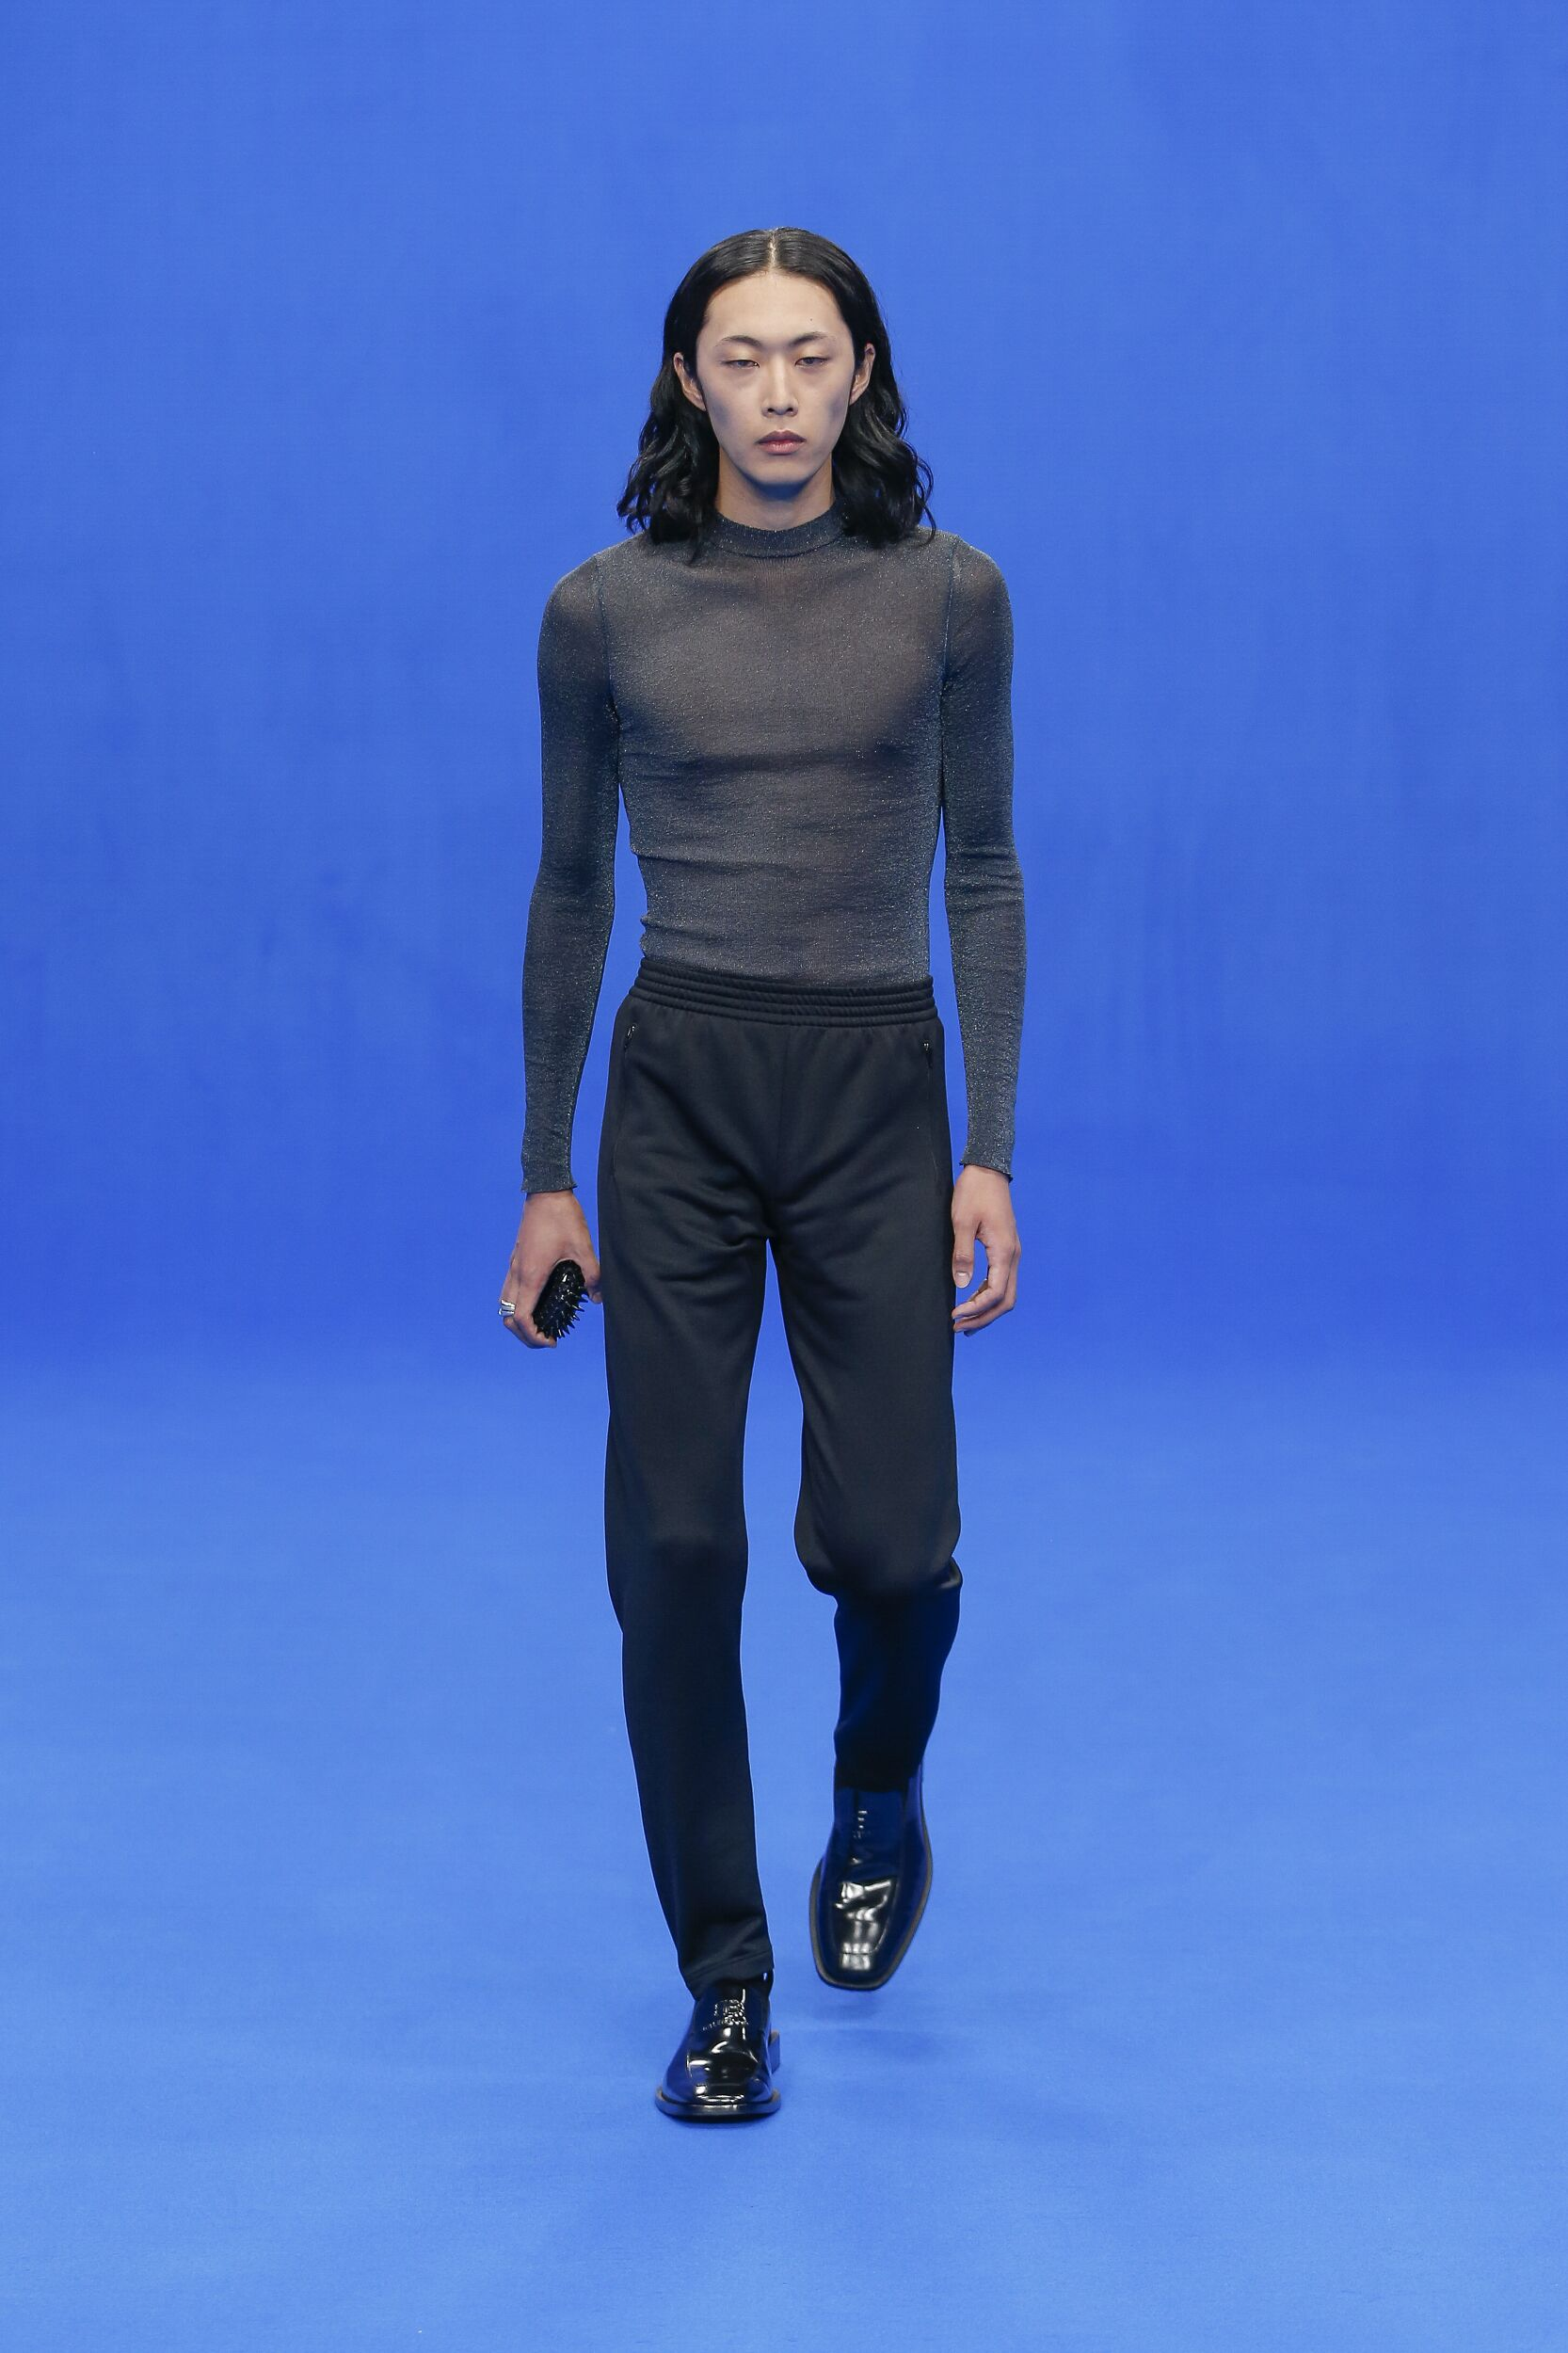 Balenciaga Menswear Collection Trends Summer